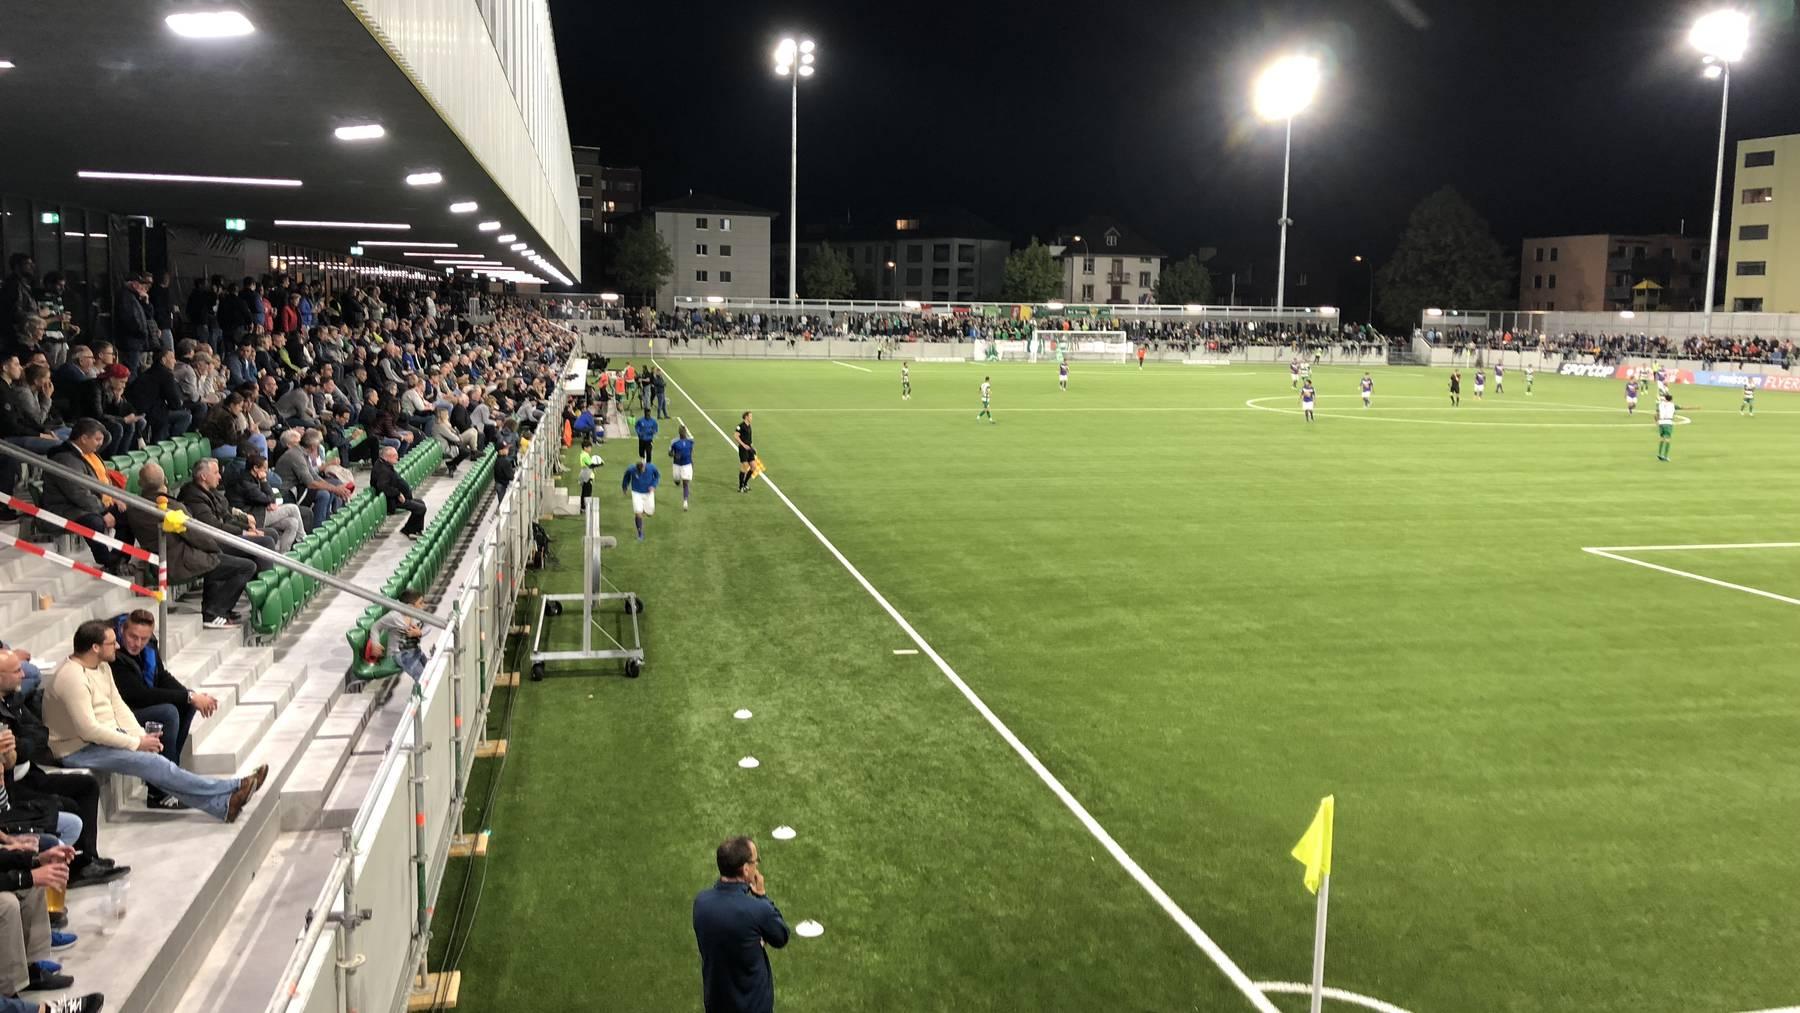 Das erste Spiel im neuen Kleinfeld-Stadion